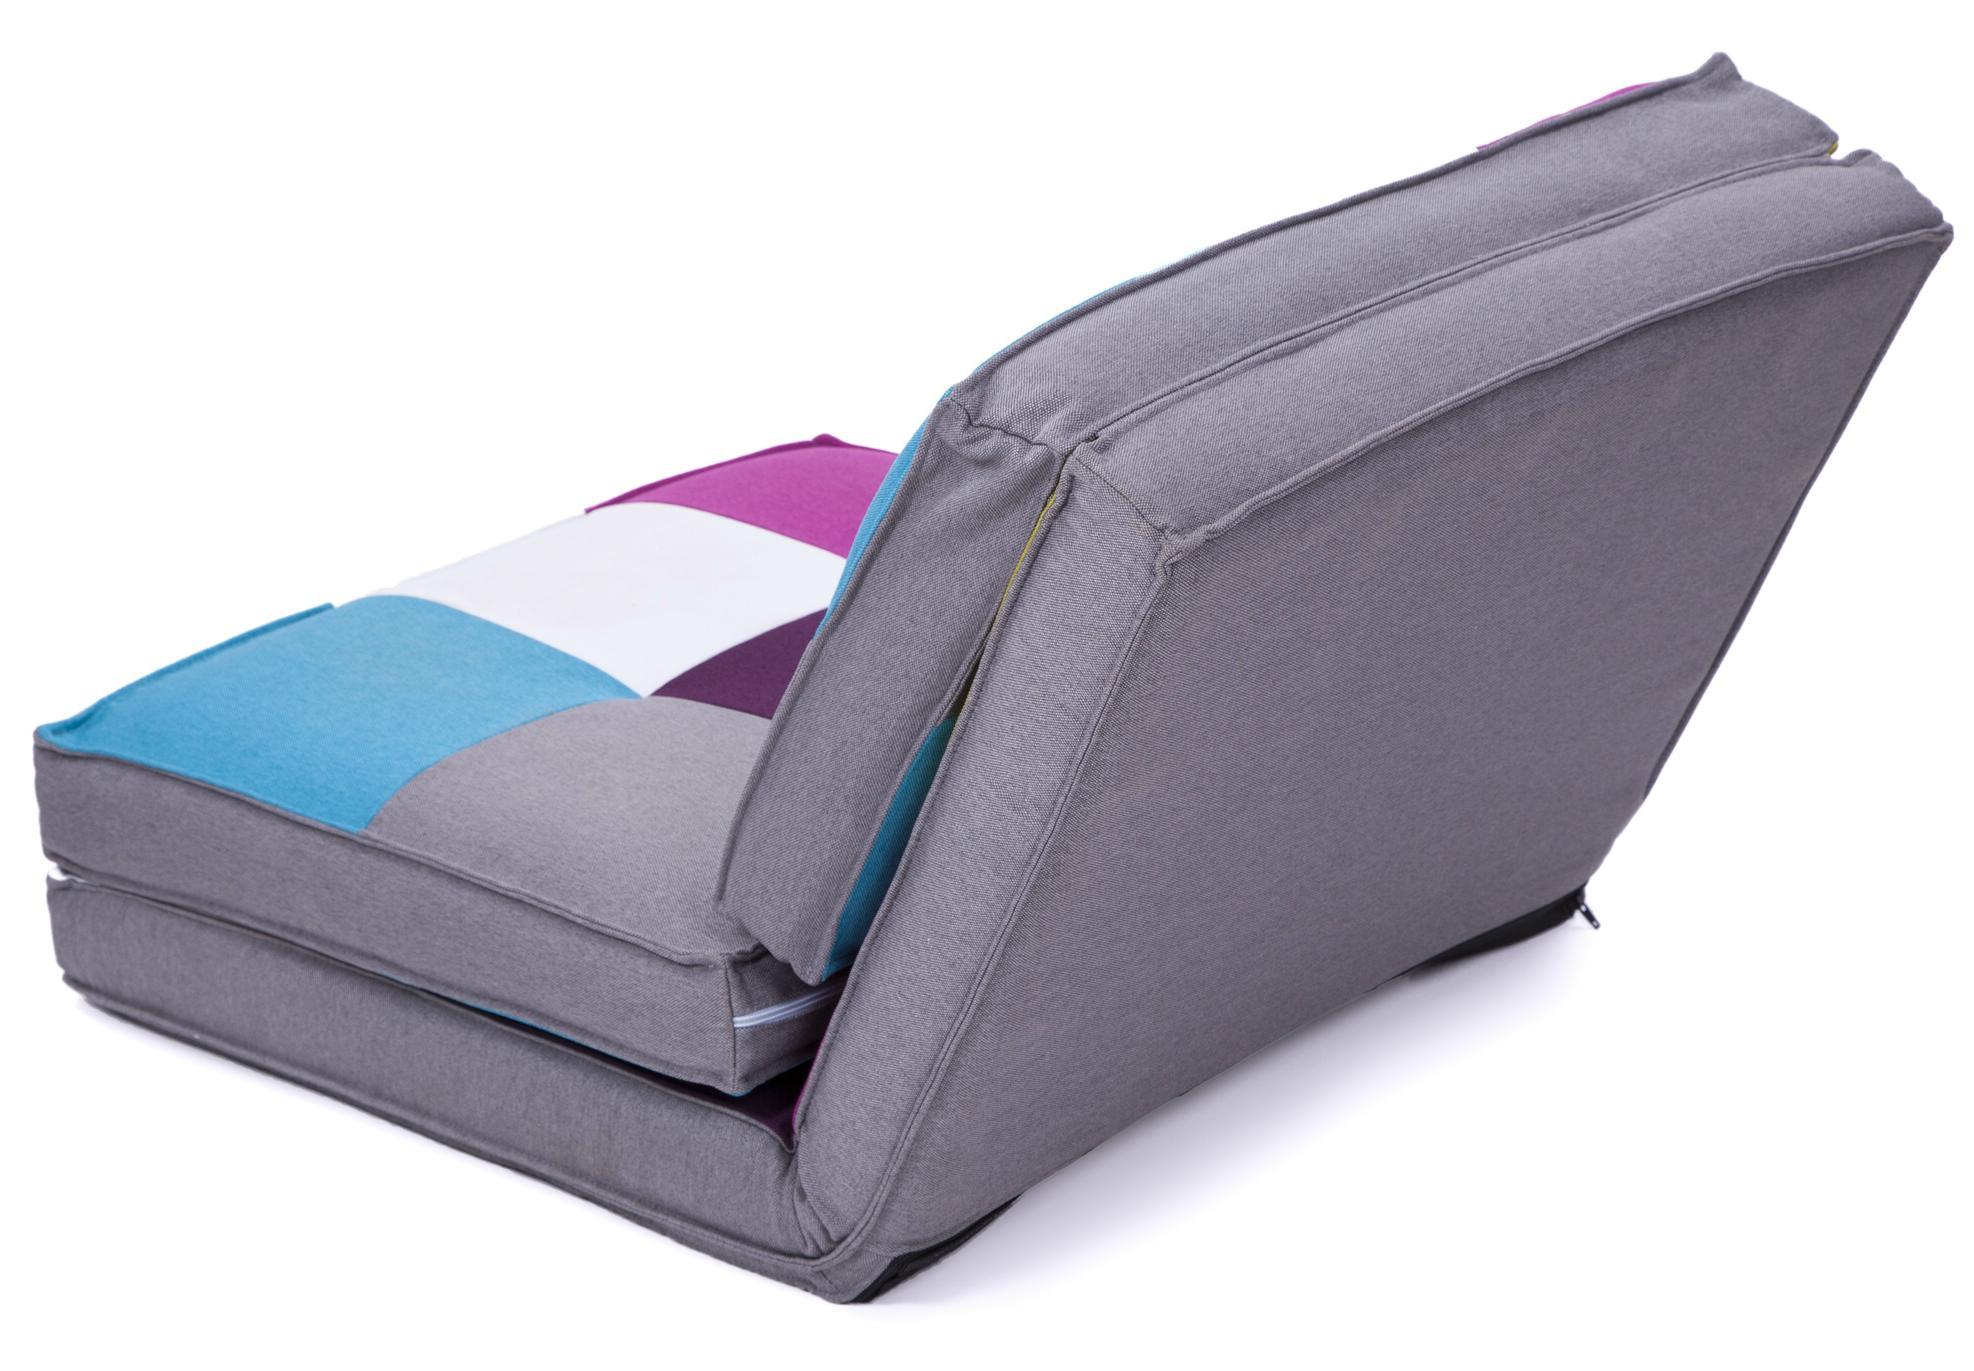 Letto per gli ospiti poltrona materasso ripiegabile divano bambini multico ebay - Letto ripiegabile ...